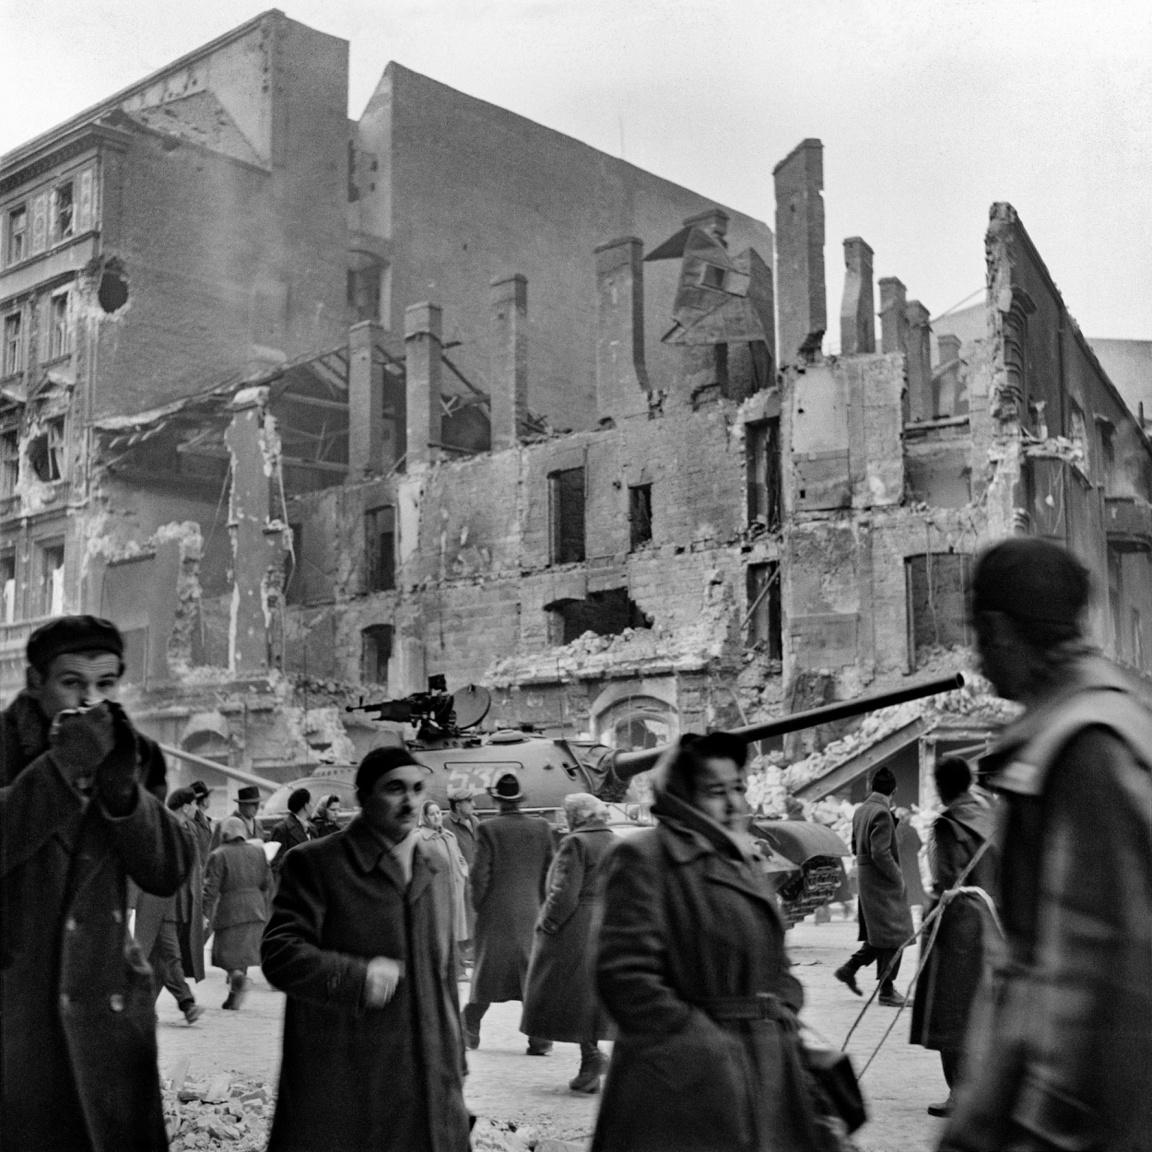 Balla 1956 októberében is fotózott: Sashalomról gyalogolt be Budapestre, hogy megörökítse a forradalmi tömeget, a szétlőtt várost, az utcákon elesettek holttesteit. A képeket a felszólítás ellenére sem adta le a hatóságoknak, amiért aztán munkahelyéről kirúgták. (Rákóczi út, 1956. október 29.)